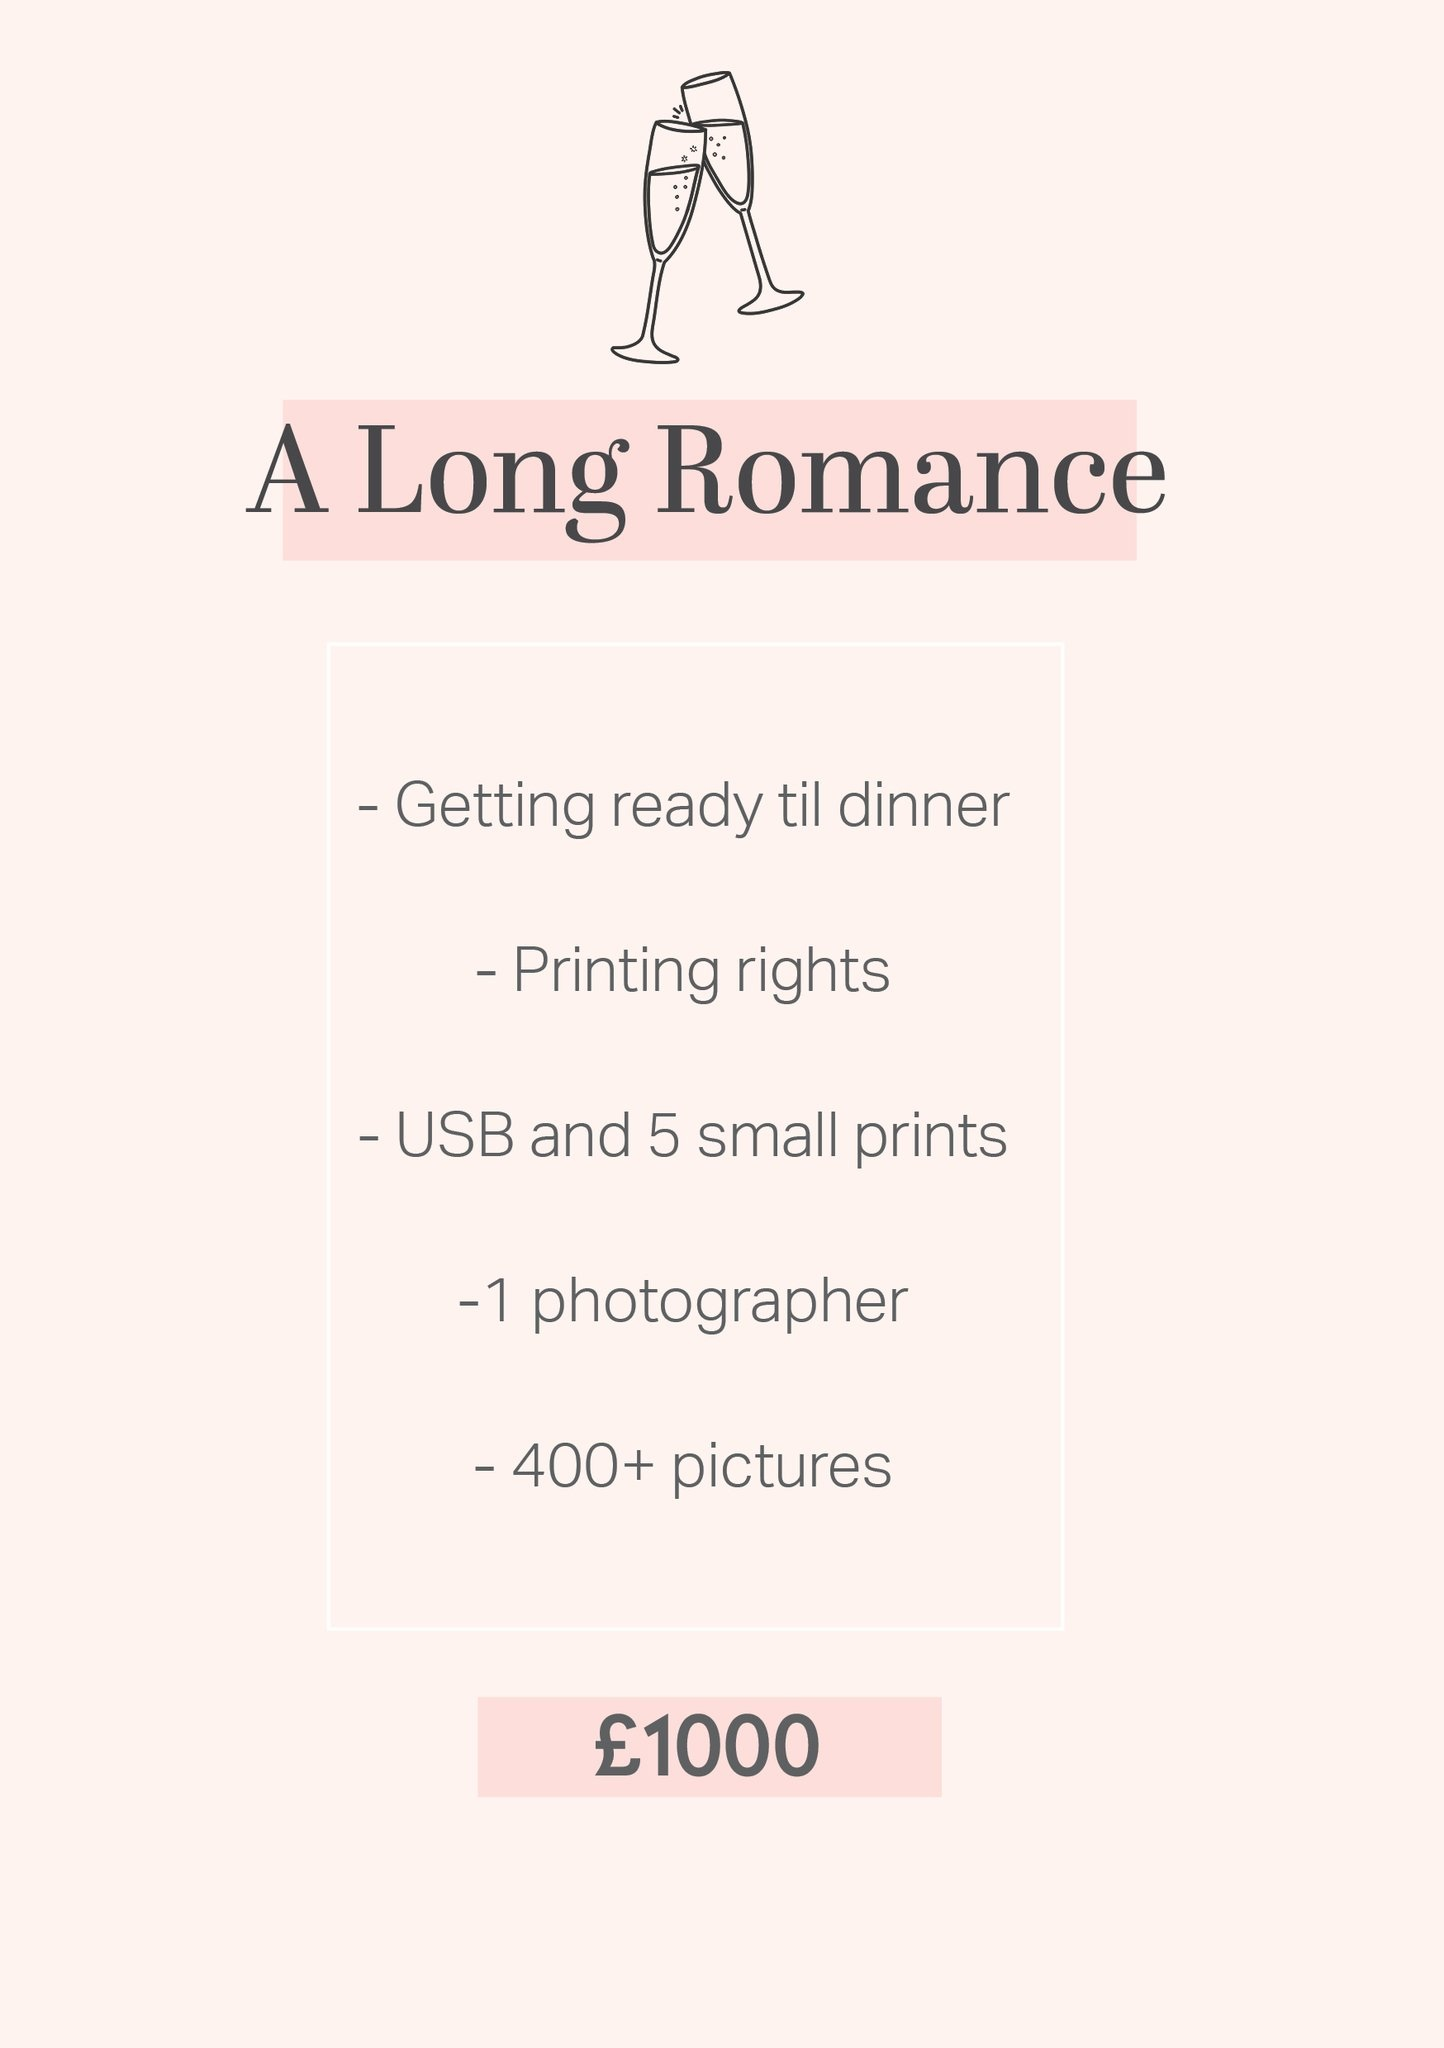 LongRomance.jpg